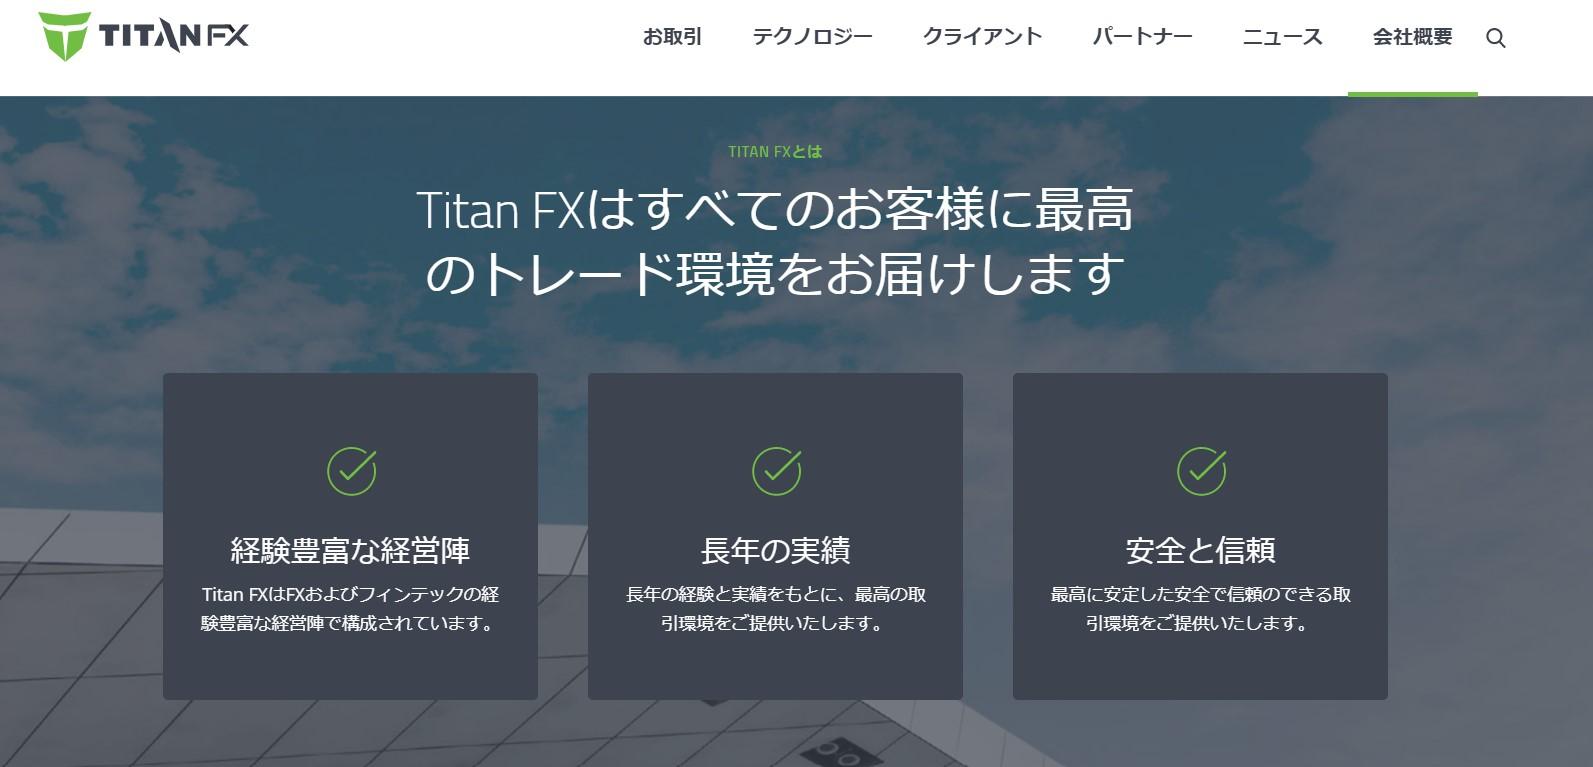 TitanFX 安全性